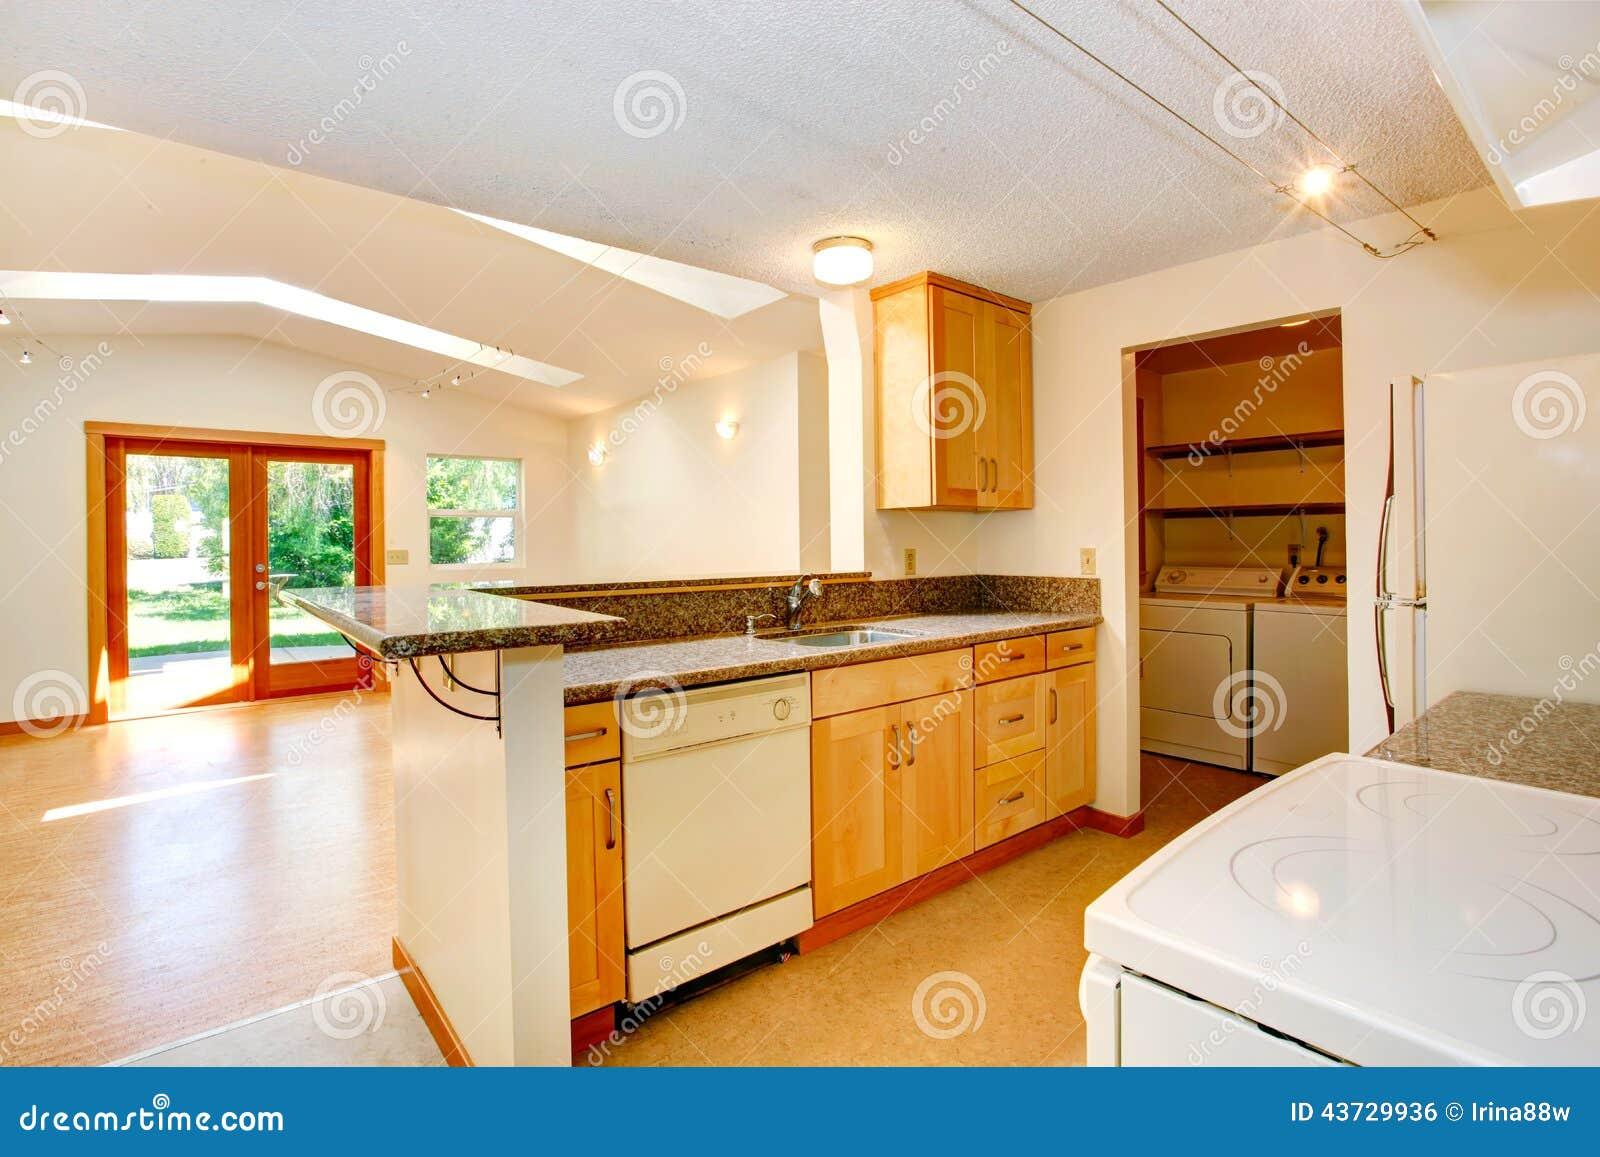 Int rieur vide de maison avec l 39 espace ouvert salon et kitch photo stock - Maison avec vide sur salon ...